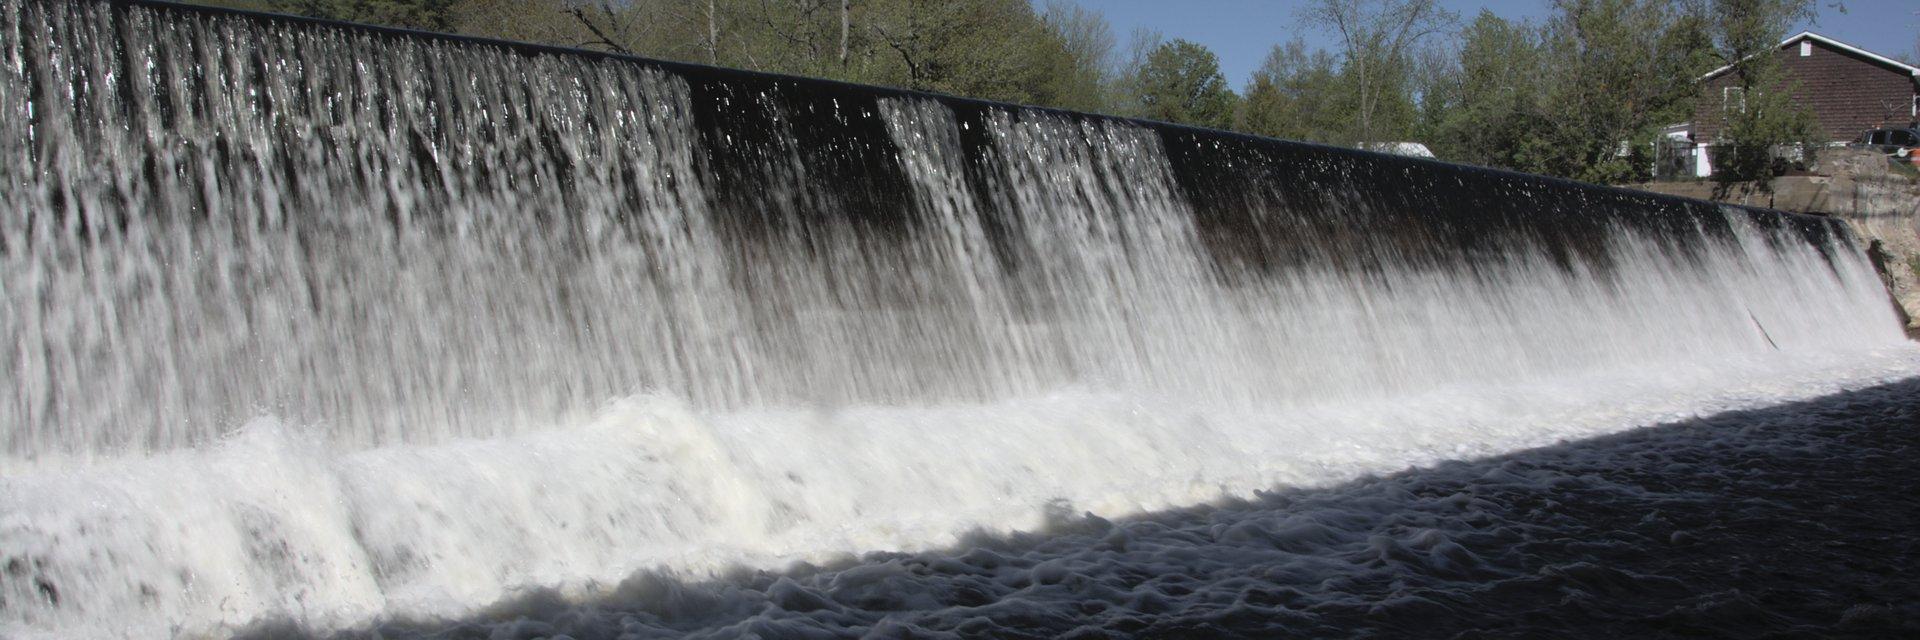 Billings Dam